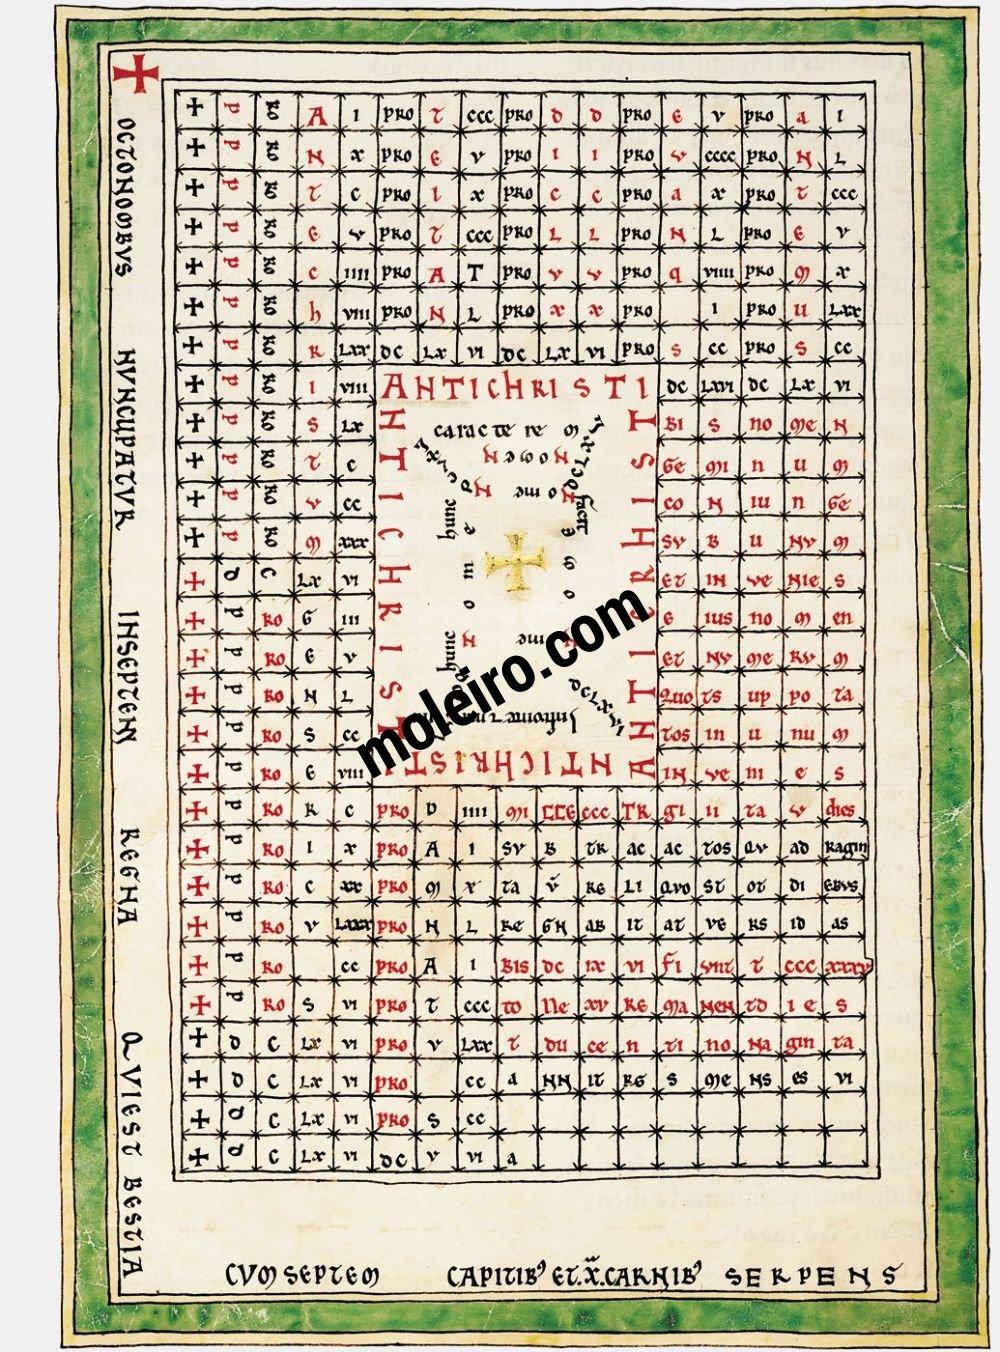 Beatus von Cardeña f. 13B, Antichrist-Tafeln